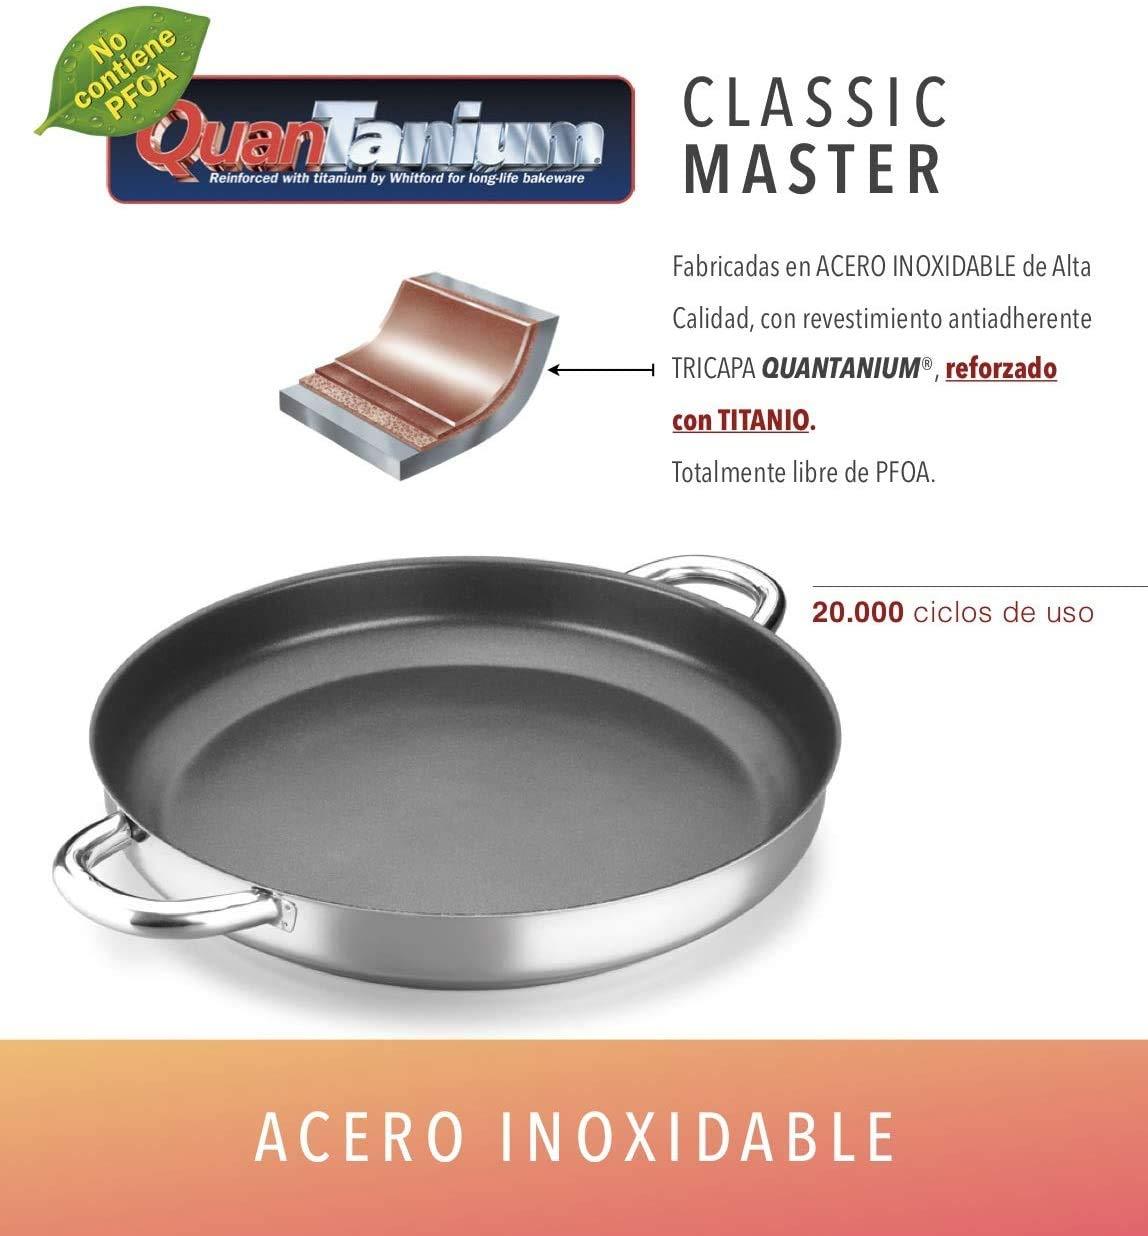 PAELLERA ALZA CLASSIC MASTER. PAELLERA fabricada en acero inoxidable 18/10, antiadherente triple capa, apta para todo tipo de cocina, INDUCCIÓN. Fácil Limpieza. Apto para lavavajillas. 30cm: Amazon.es: Hogar